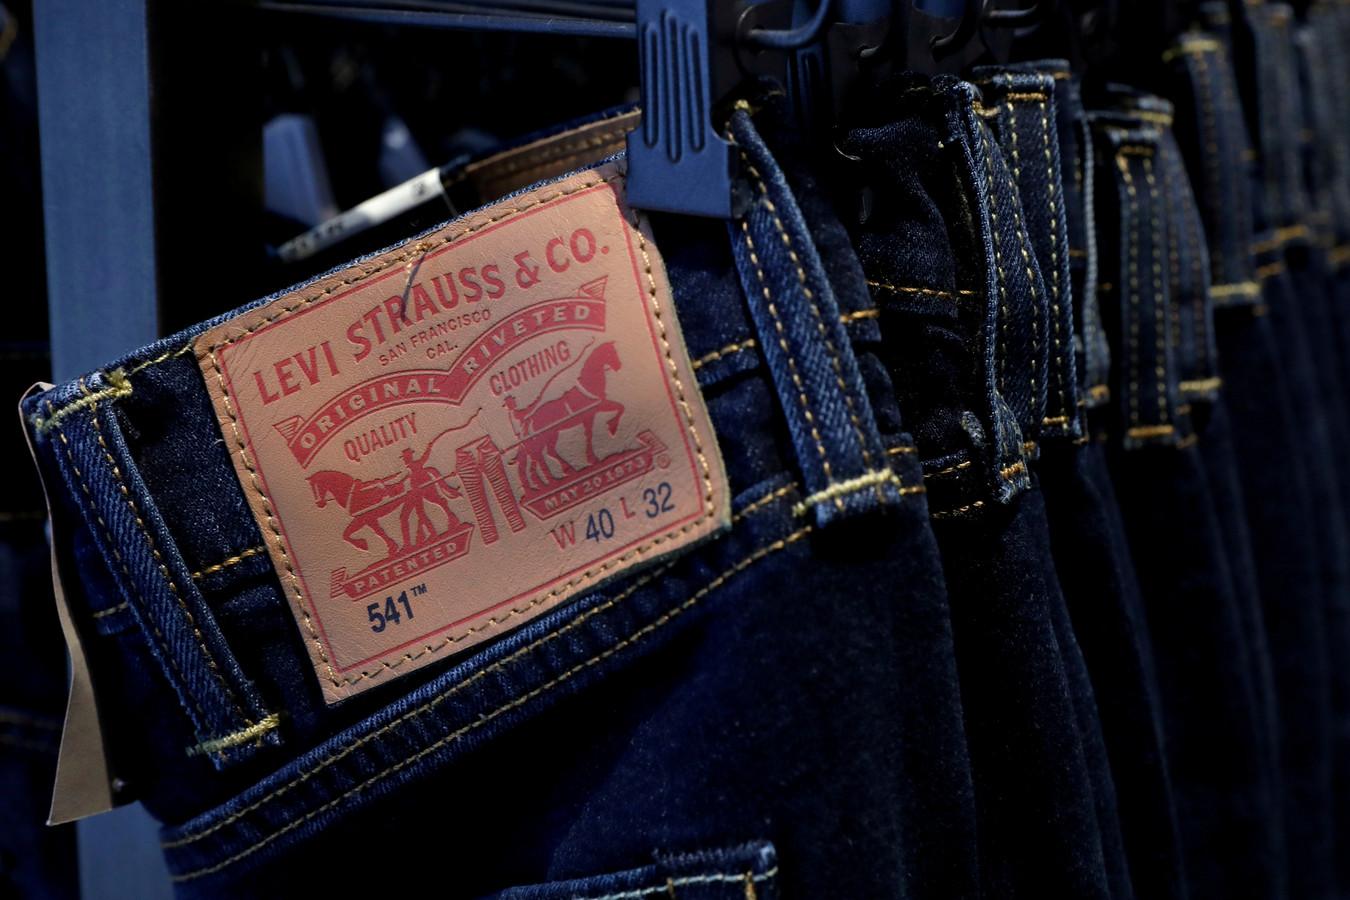 Levi's, vooral bekend van jeansbroeken, vestigt een winkel aan de Kalanderstraat in het centrum van Enschede.